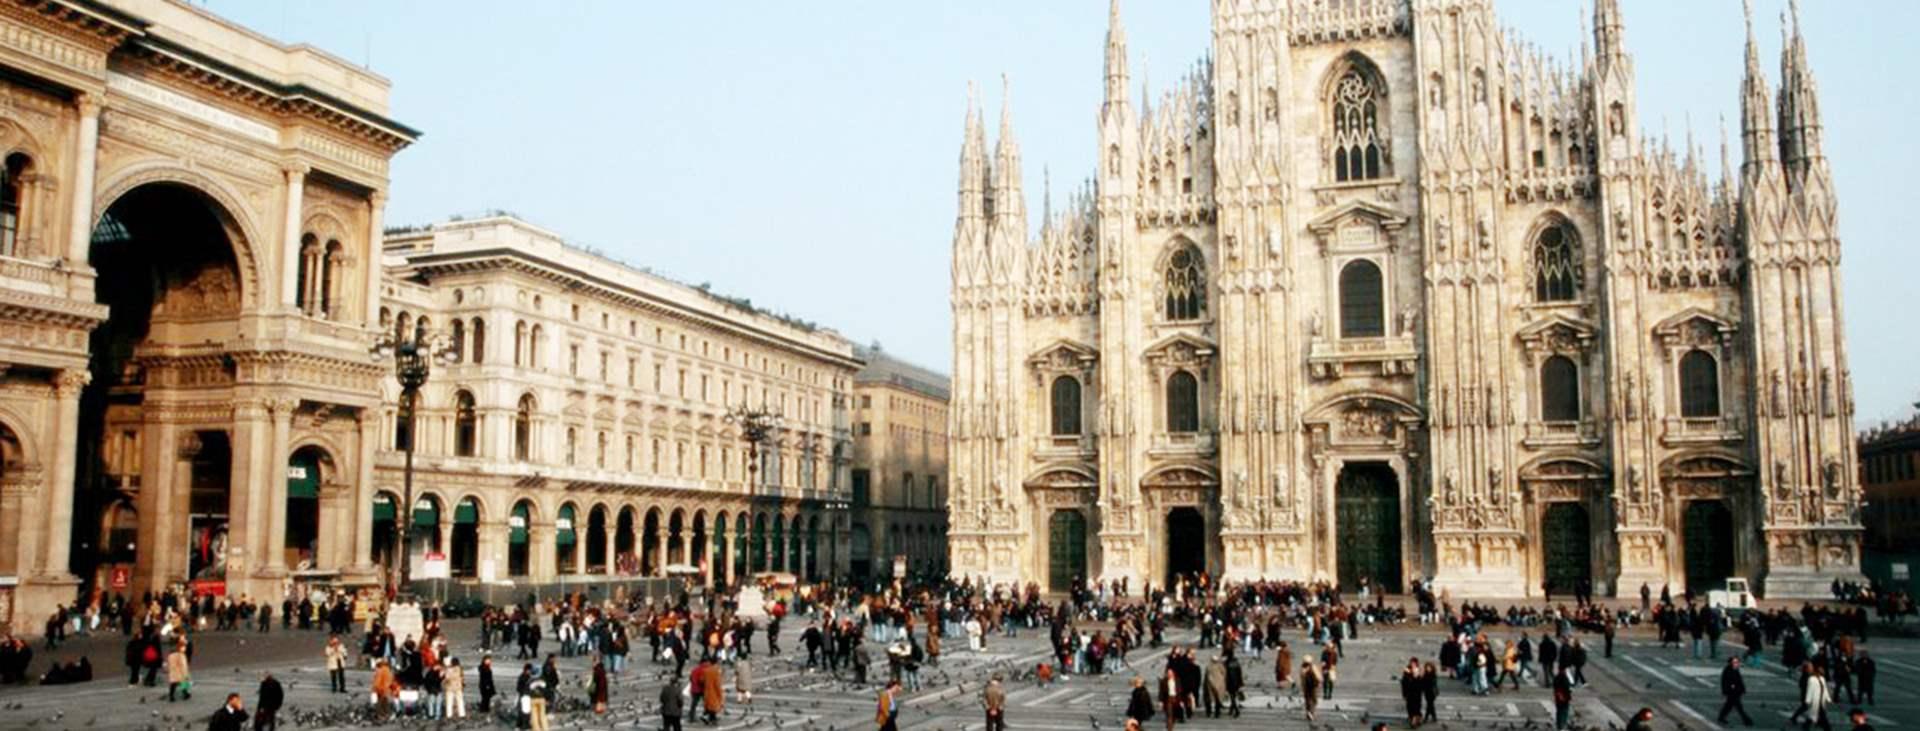 Varaa matka Milanoon, Italiaan Tjäreborgilta